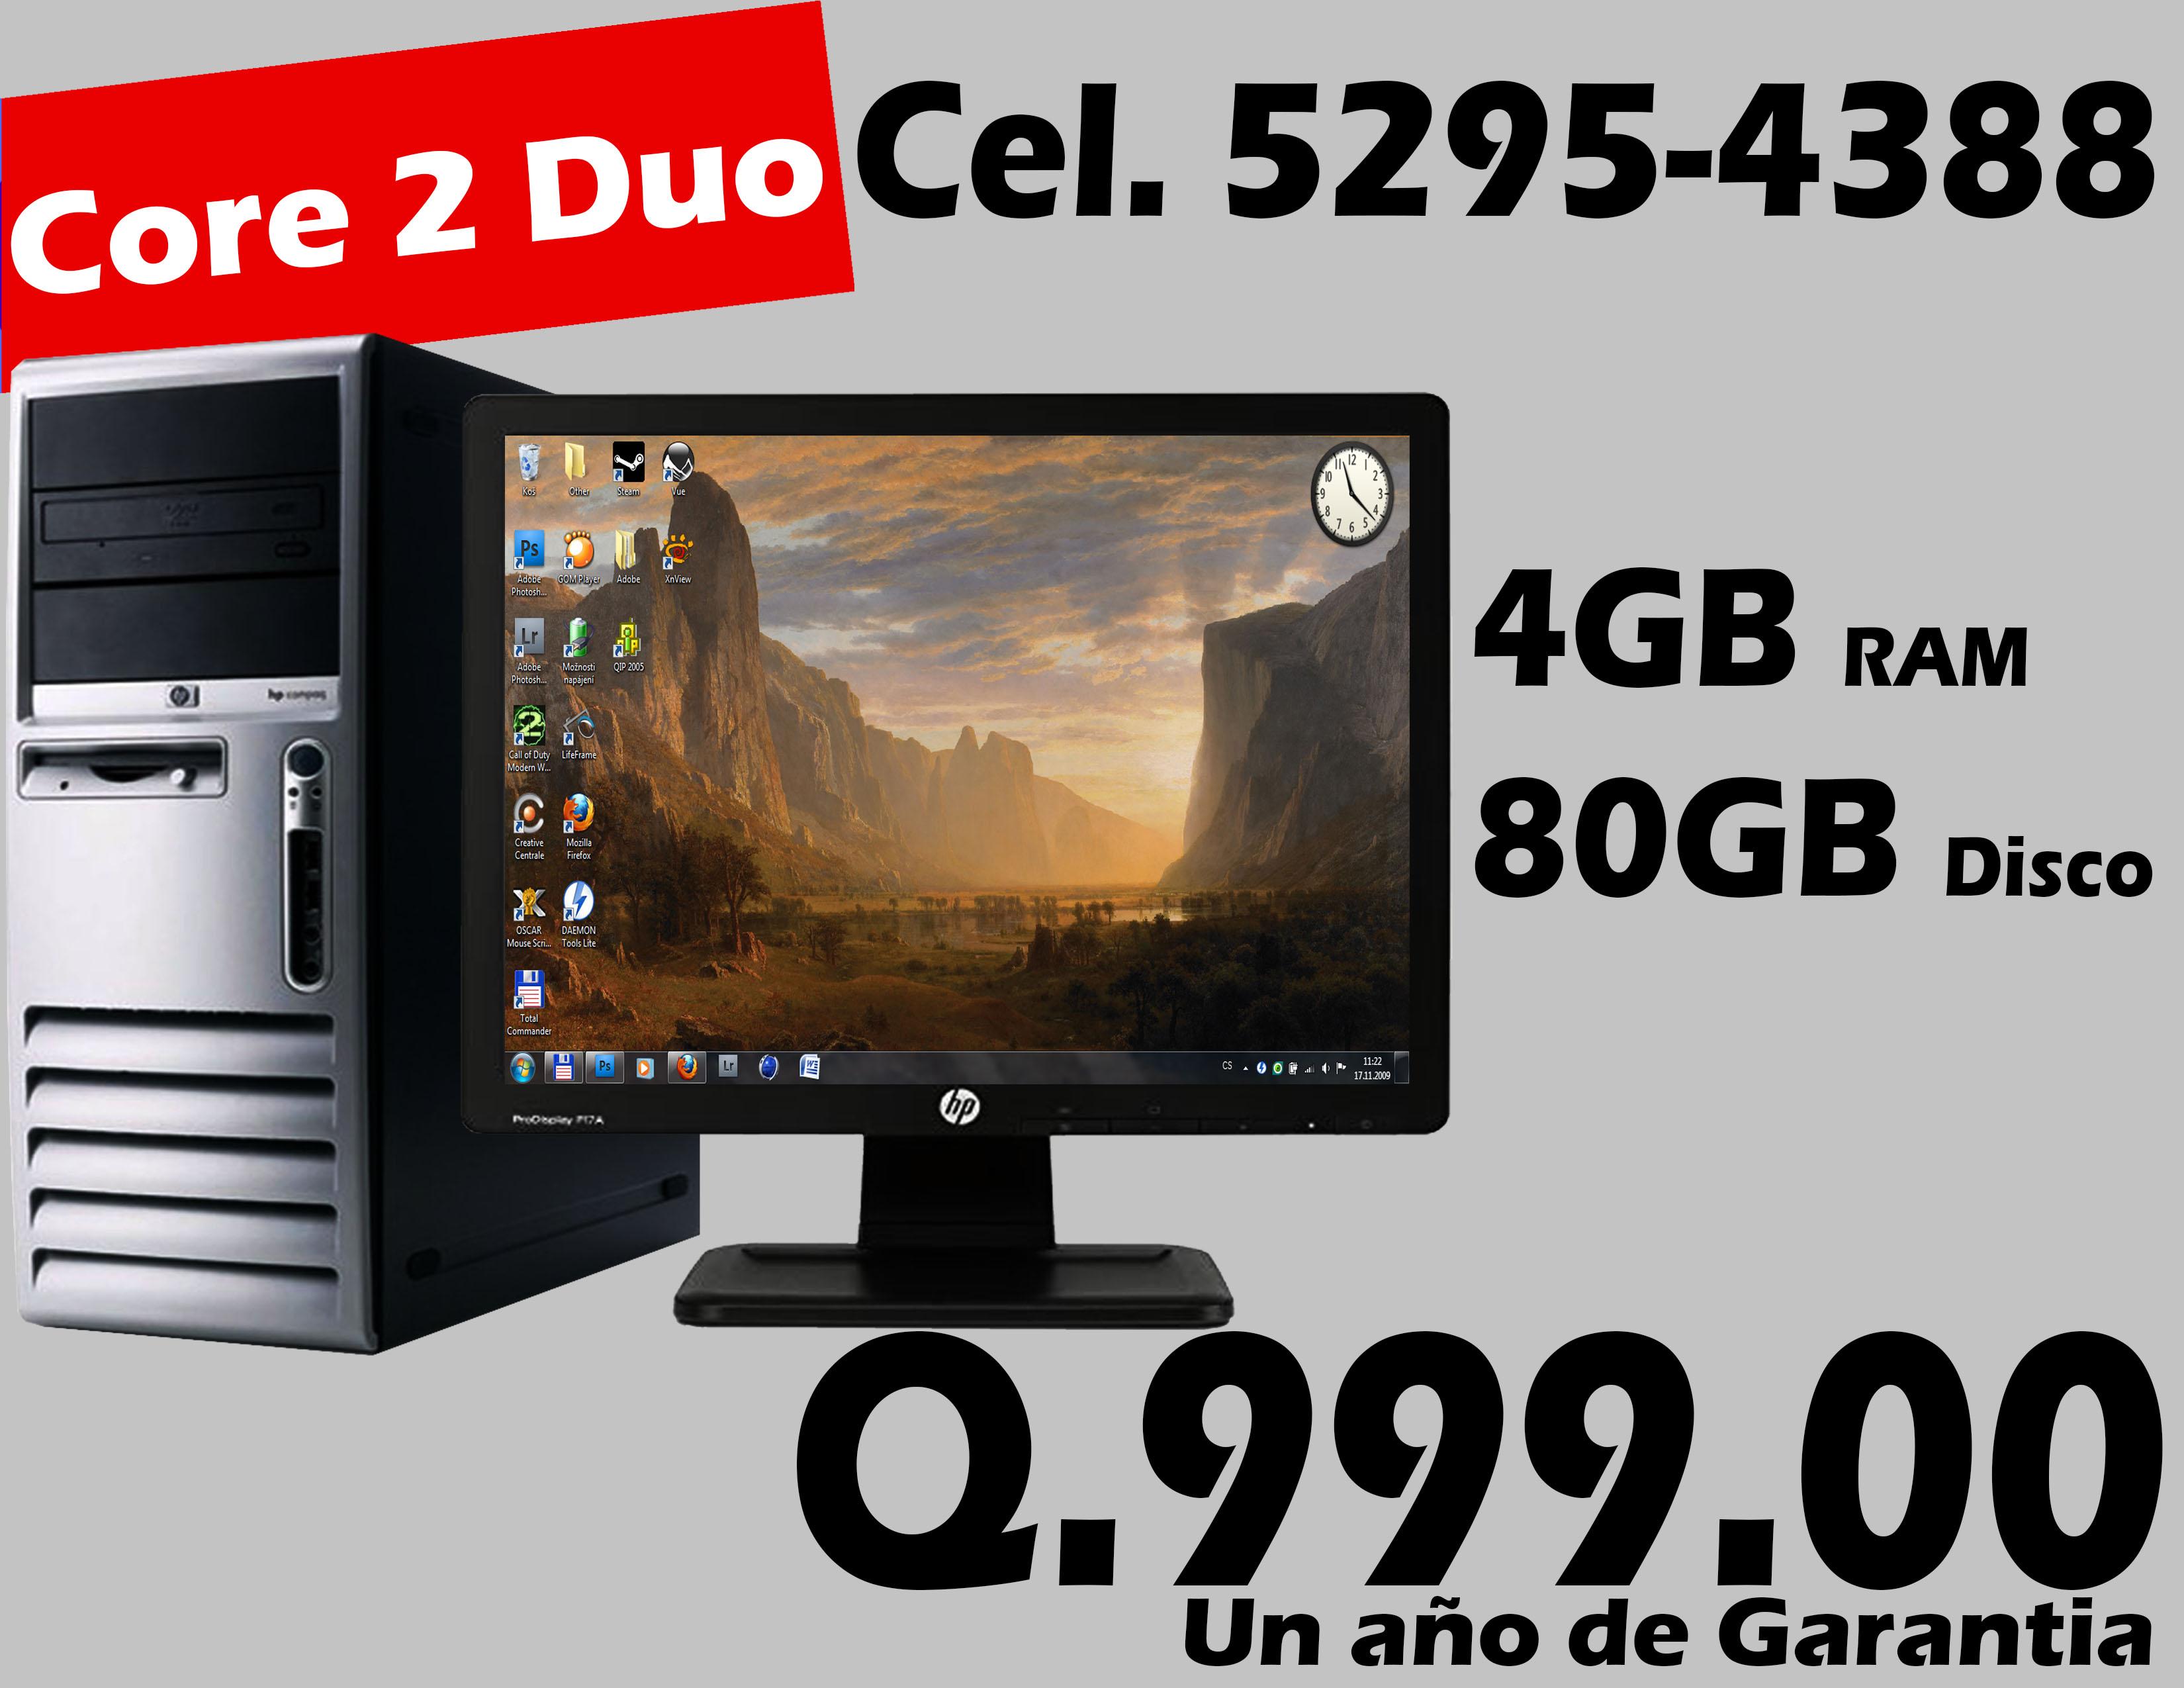 Computadora HP DC7700 Core 2 duo en promocion